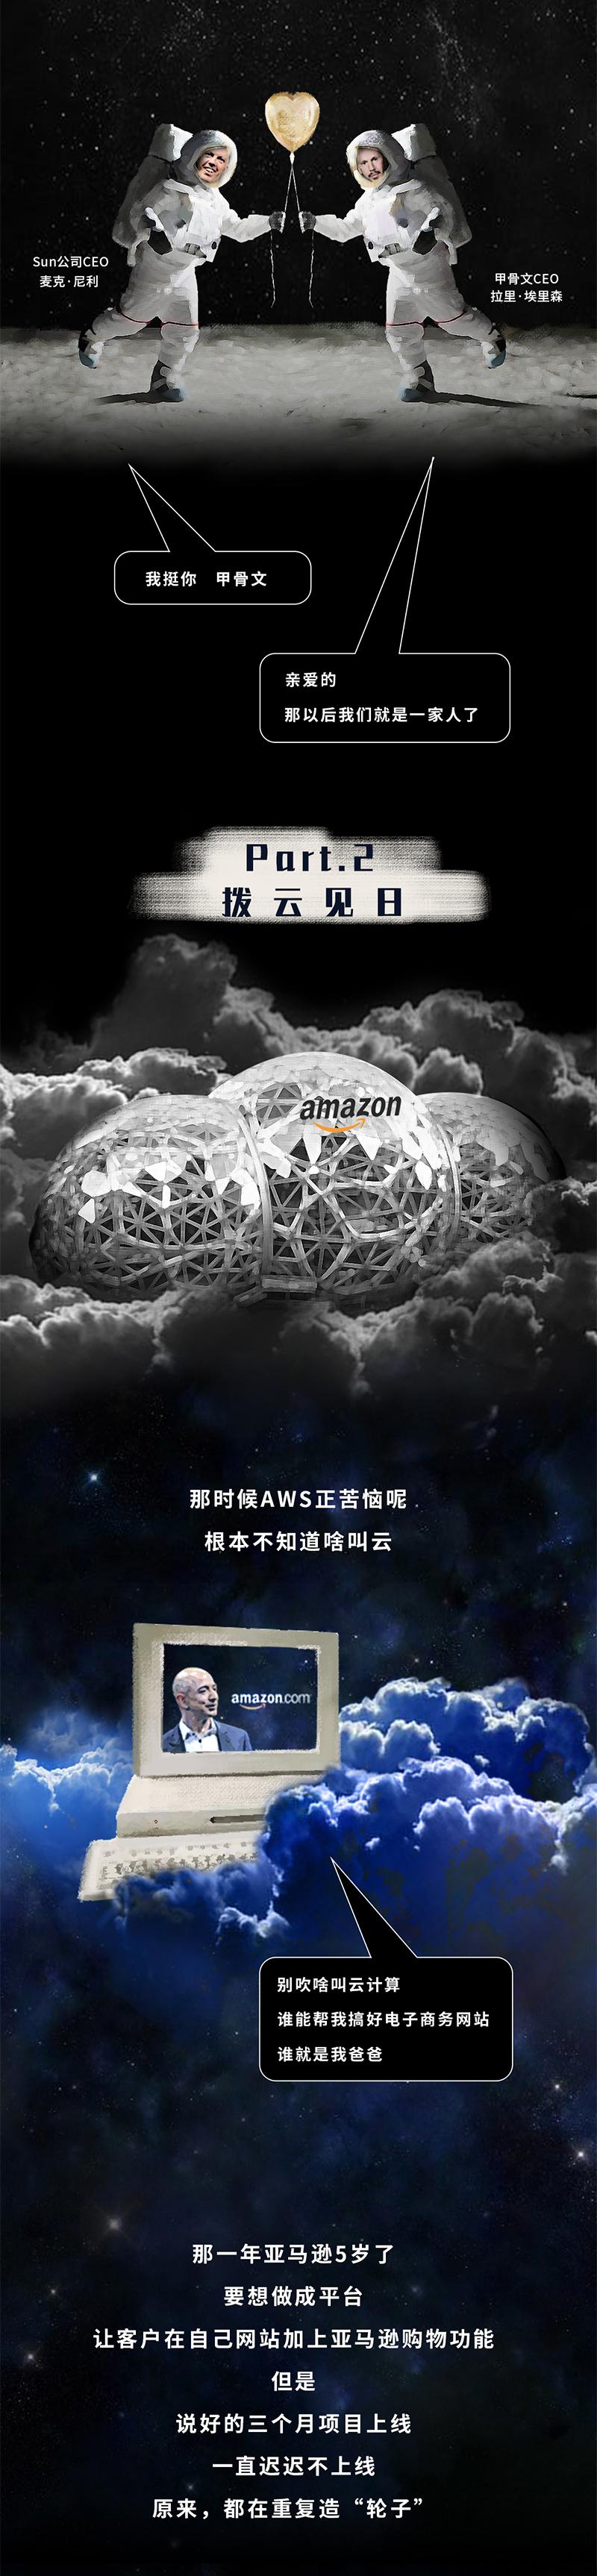 云计算100年-大数网